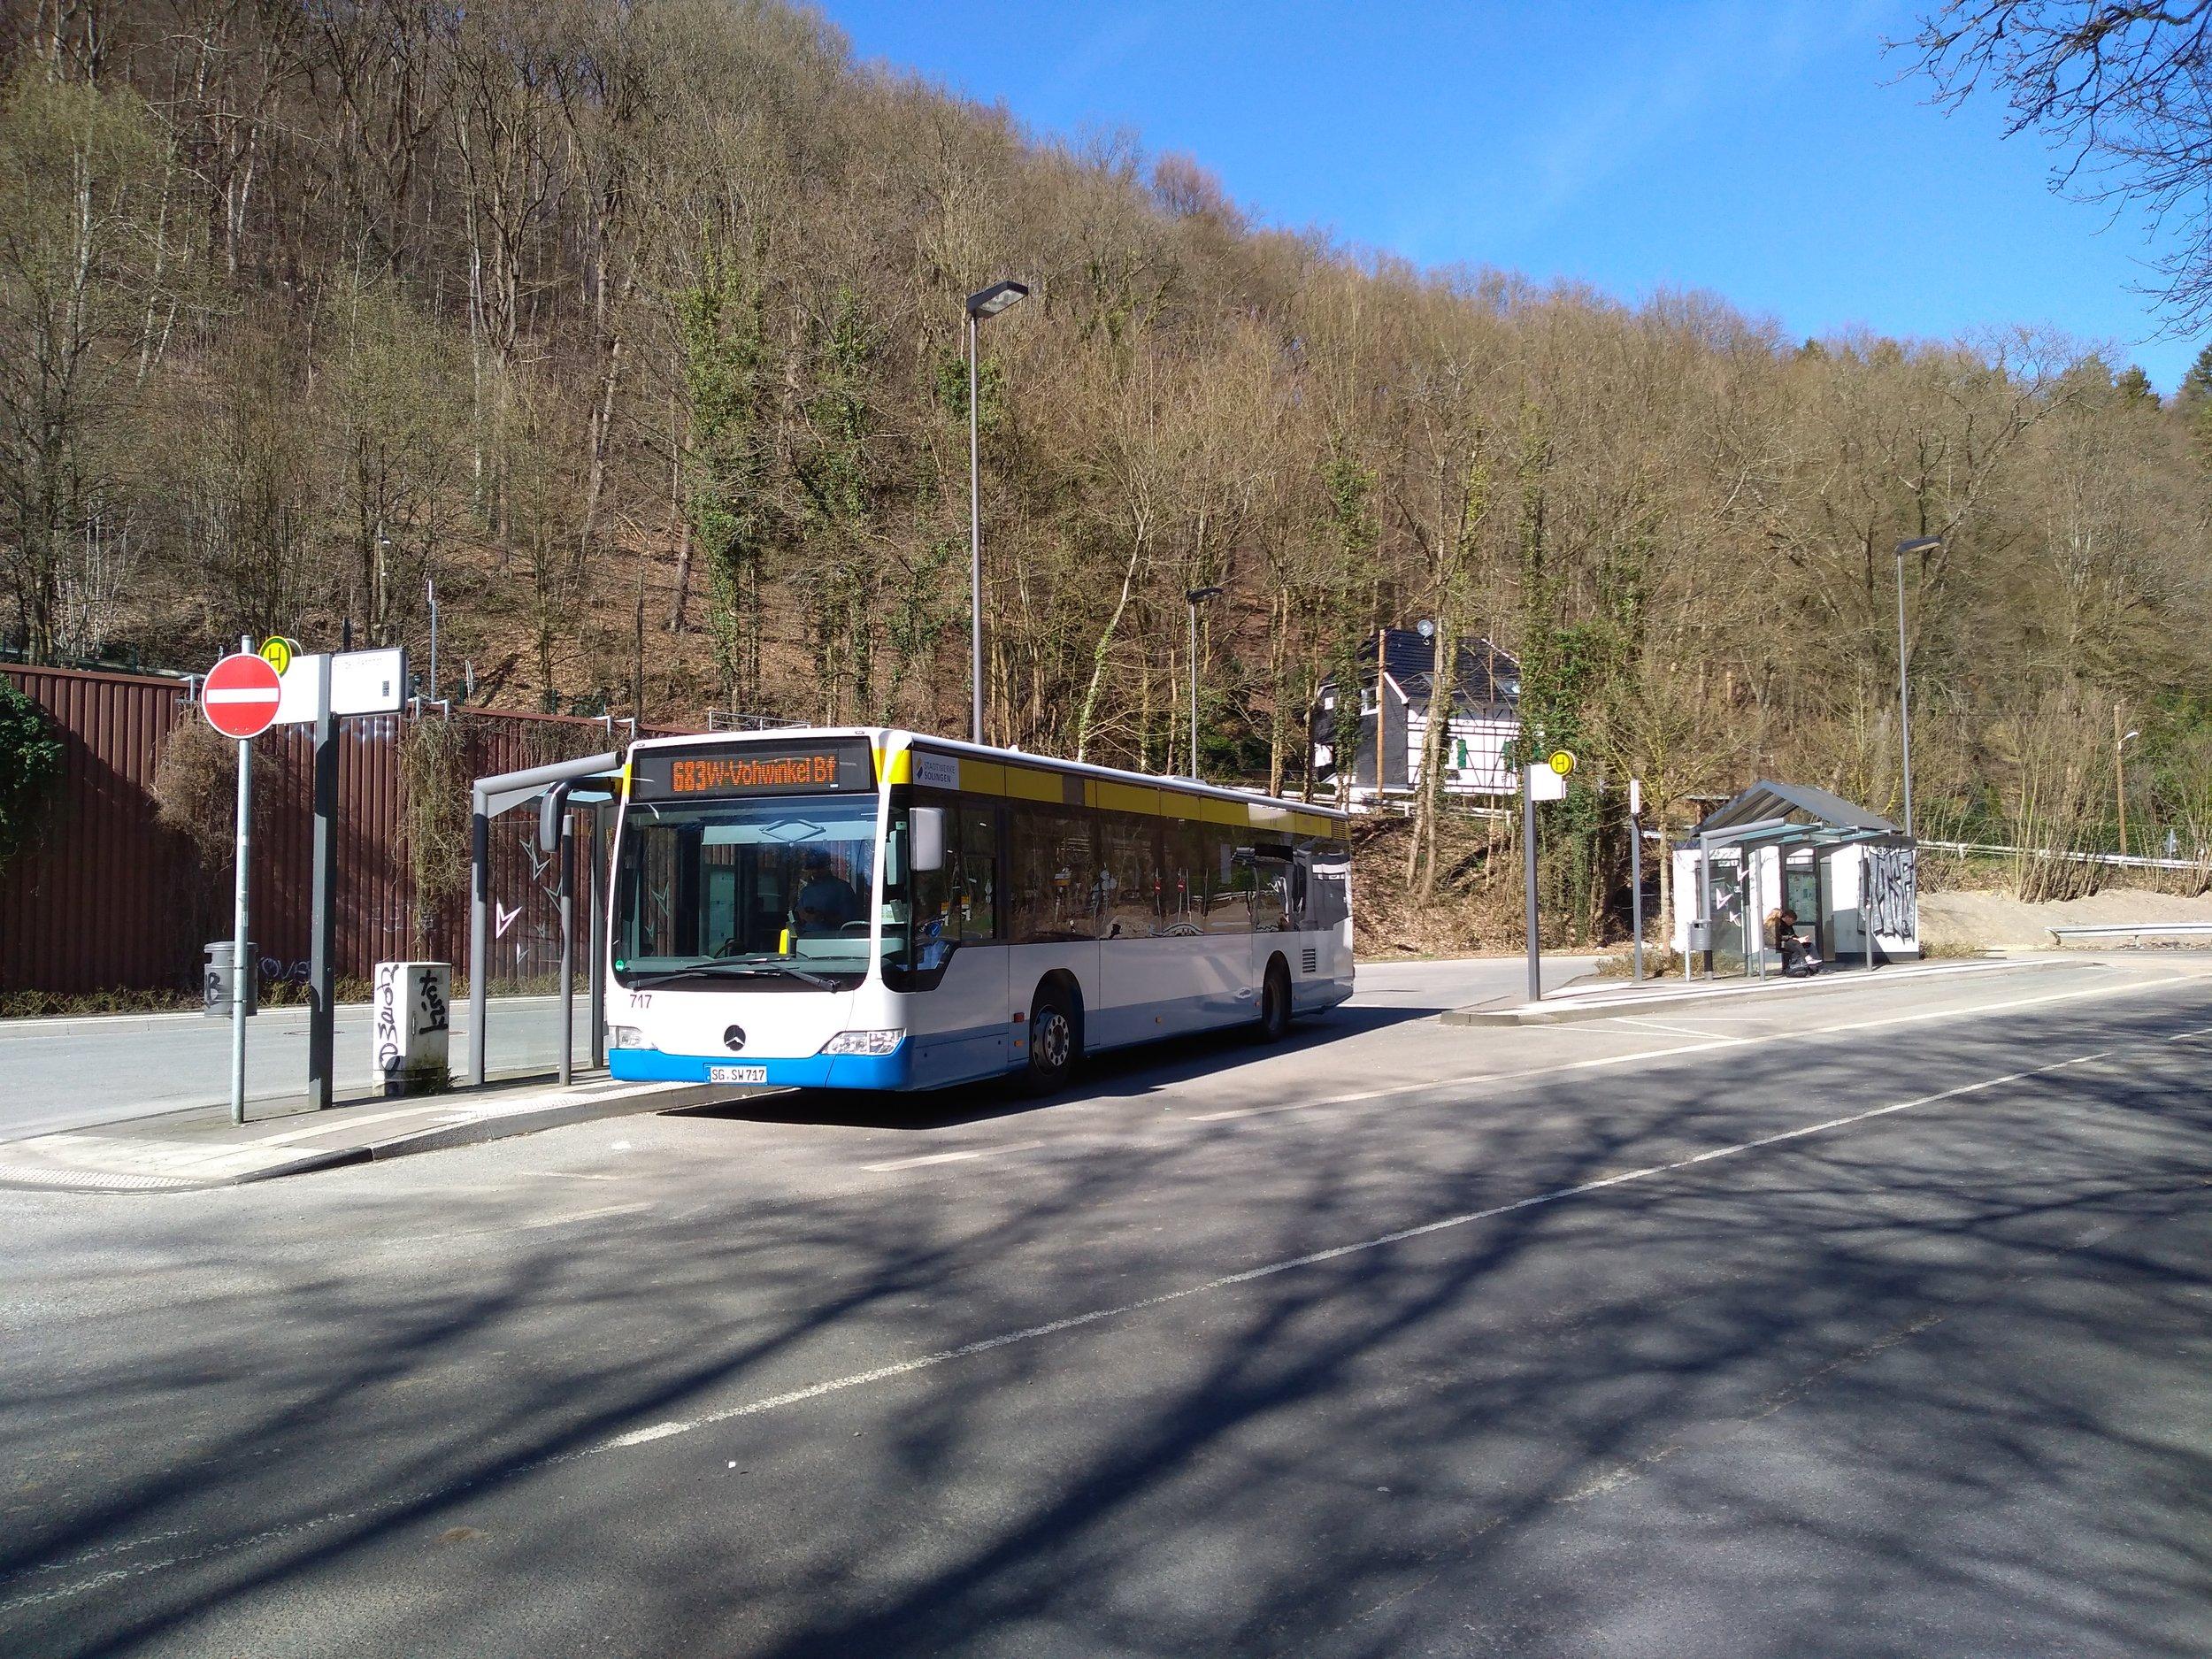 Konečná linky 683 Burger Bahnhof. Až sem zajíždějí od roku 2009 ze Solingenu trolejbusy, kvůli stavebním pracím, t. č. nerealizovaným, je ale zavedena na koncovém úseku předmětné linky náhradní autobusová doprava, a to už několik dlouhých měsíců.